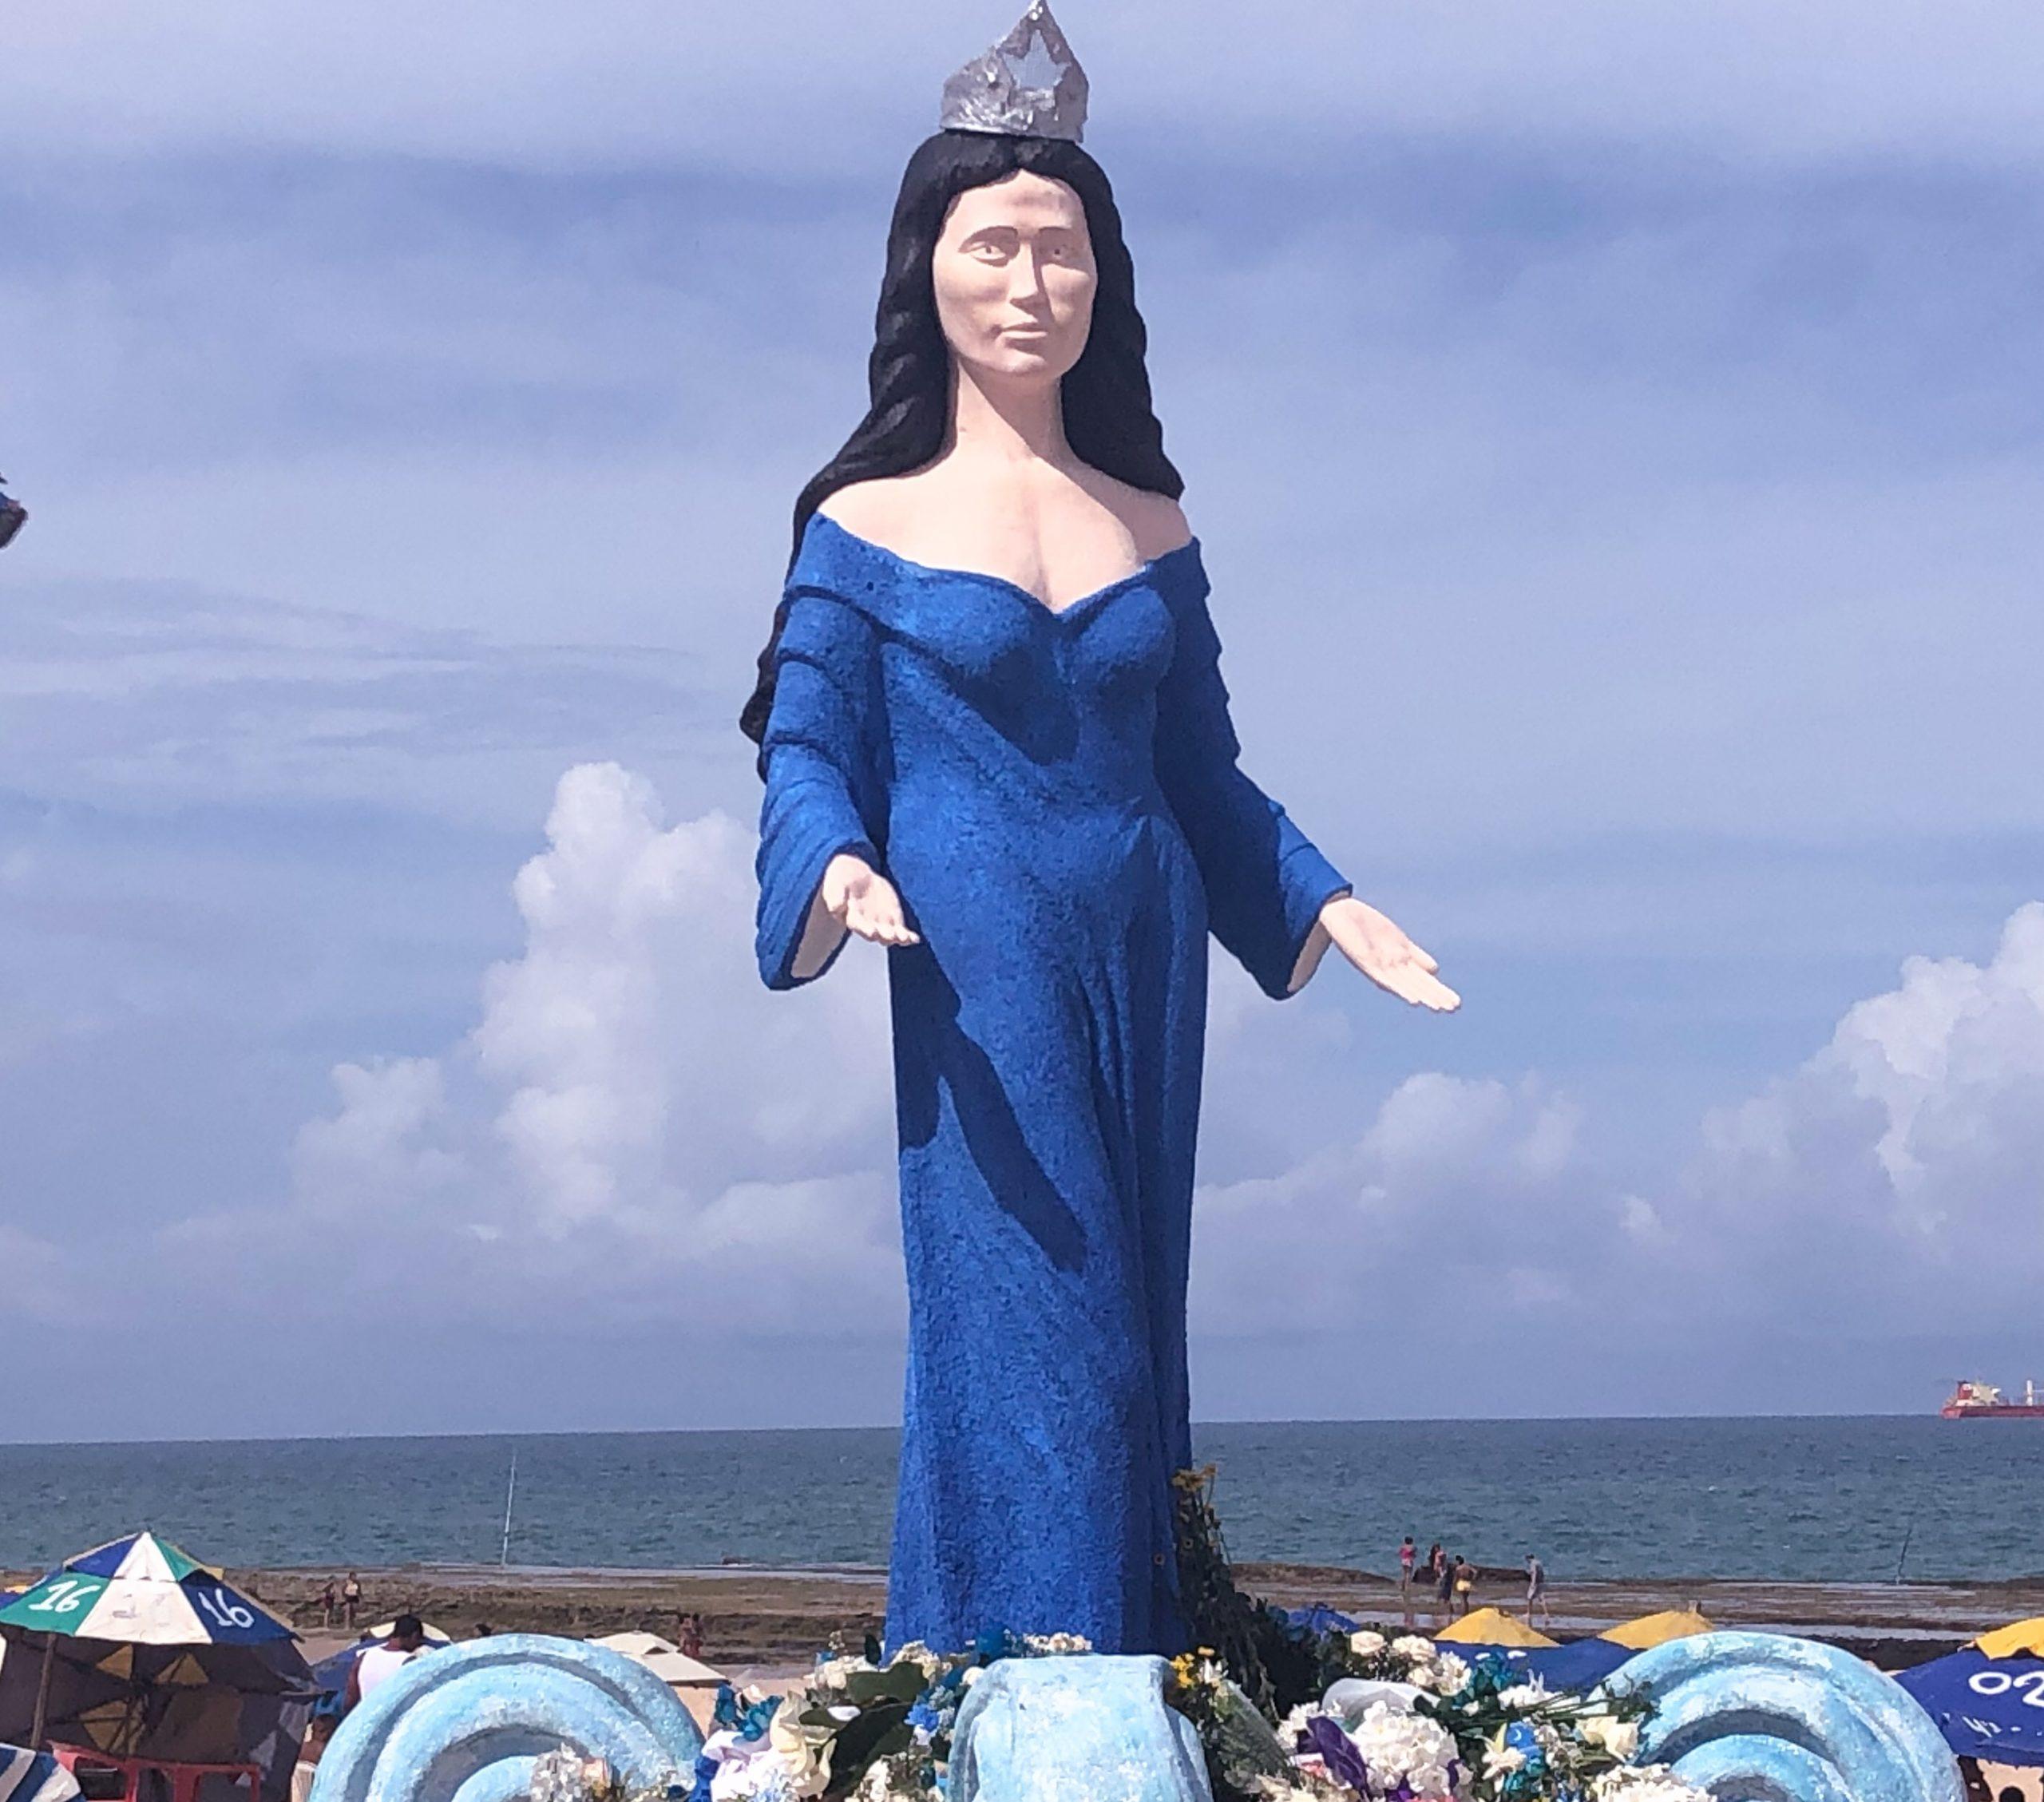 E a nova estátua de Iemanjá em Natal foi inaugurada com festa